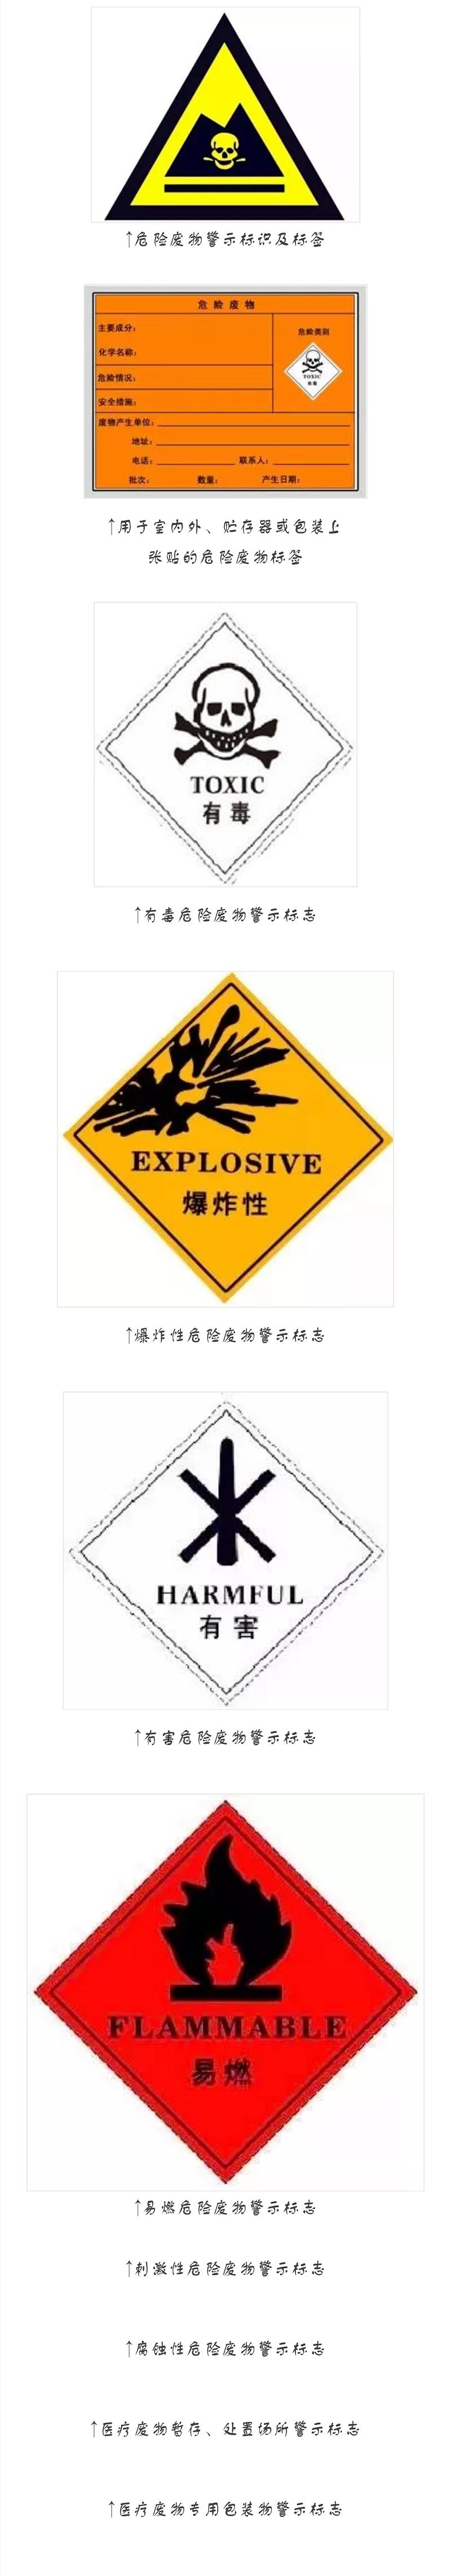 危险废物警示标识